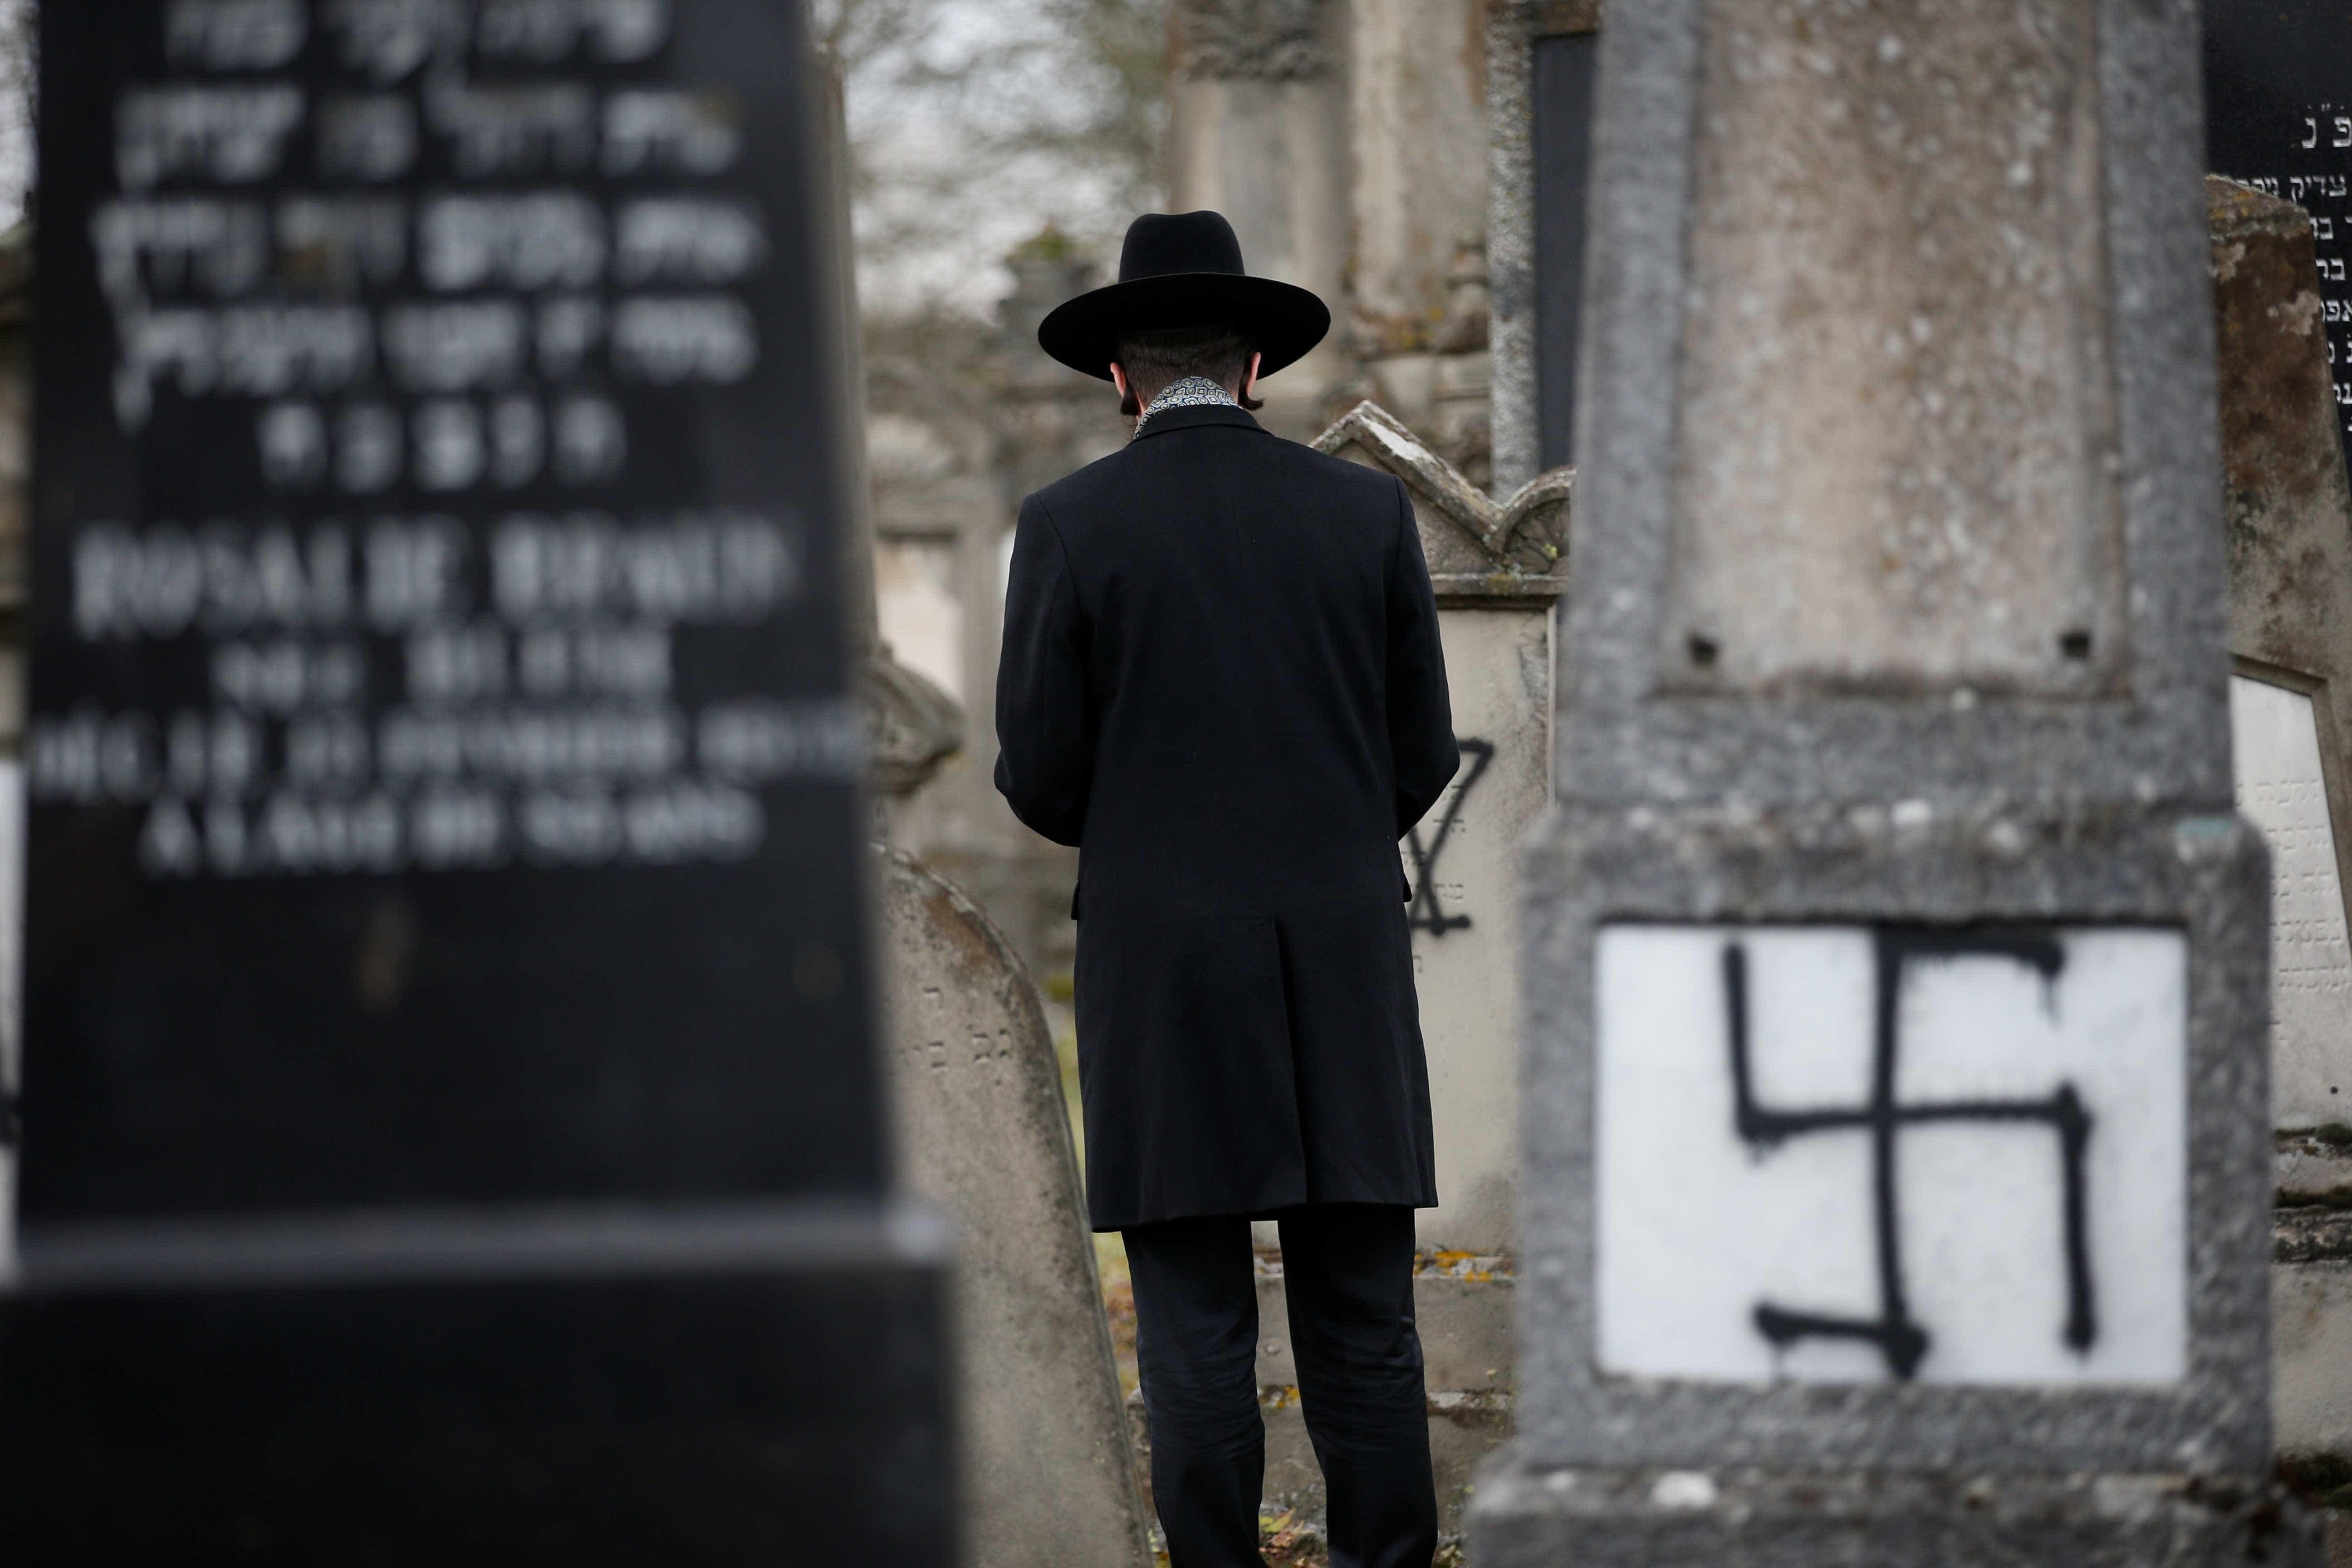 Para 1 em cada 3 europeus, antissemitismo cresceu nos últimos 5 anos